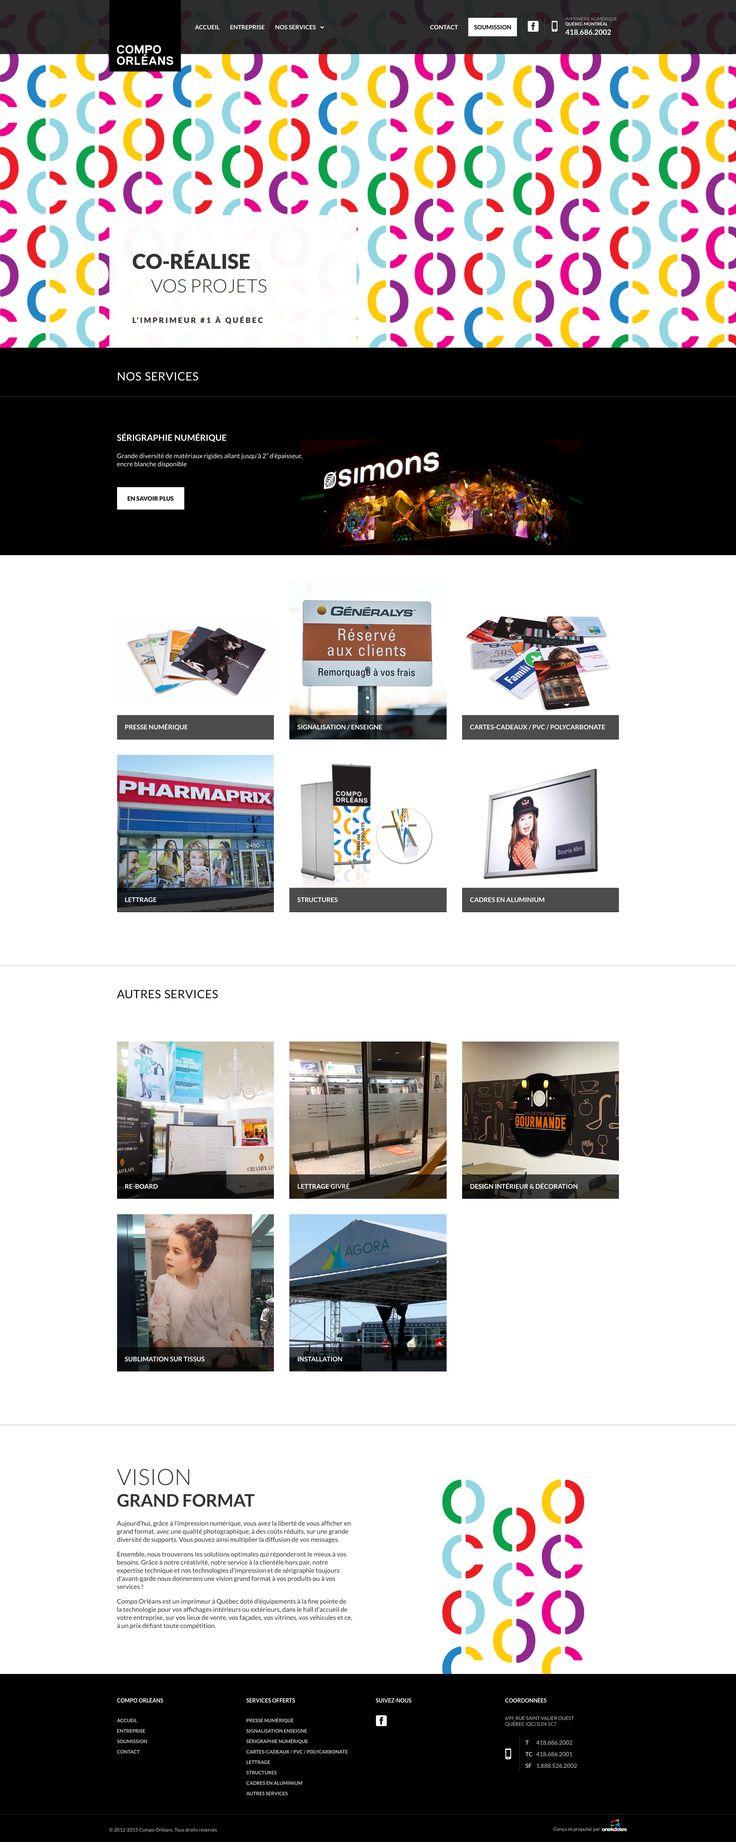 Nos Réalisations: Imprimeur, Presse,  Sérigraphie Numérique, Enseigne, Signalisation, Cartes-Cadeaux, Lettrage et plus! #webdesign #imprimerie